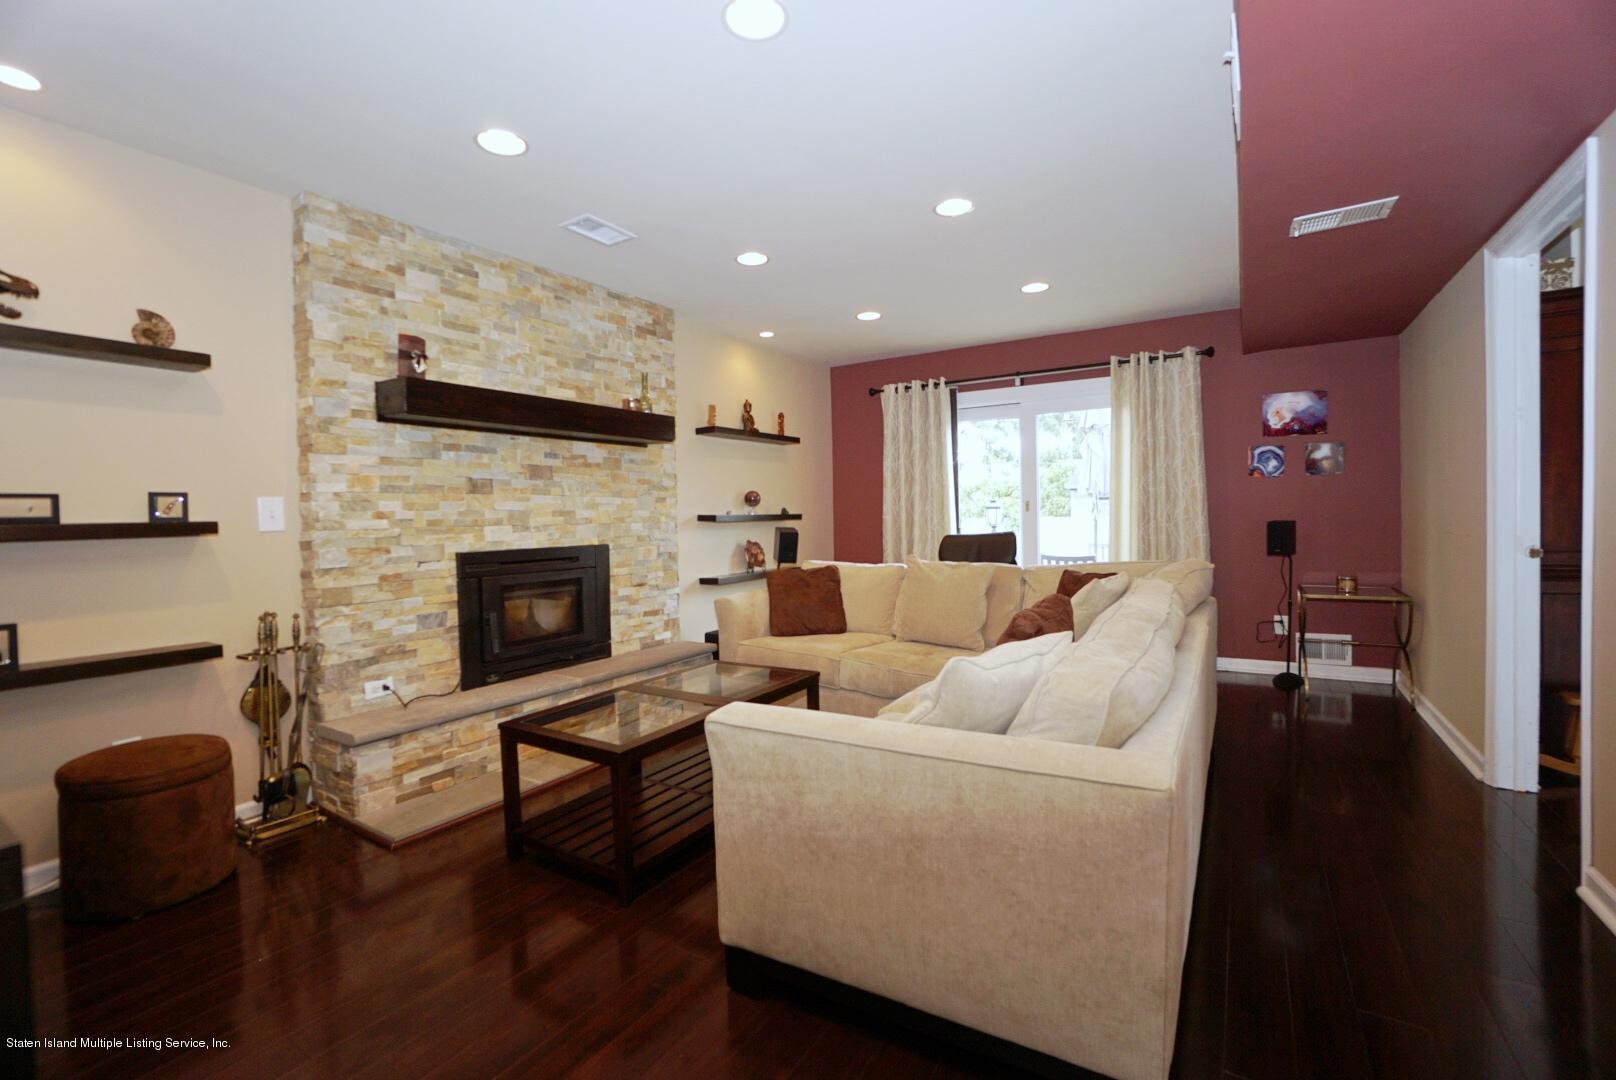 Single Family - Detached 579 Carlton Boulevard  Staten Island, NY 10312, MLS-1139227-37